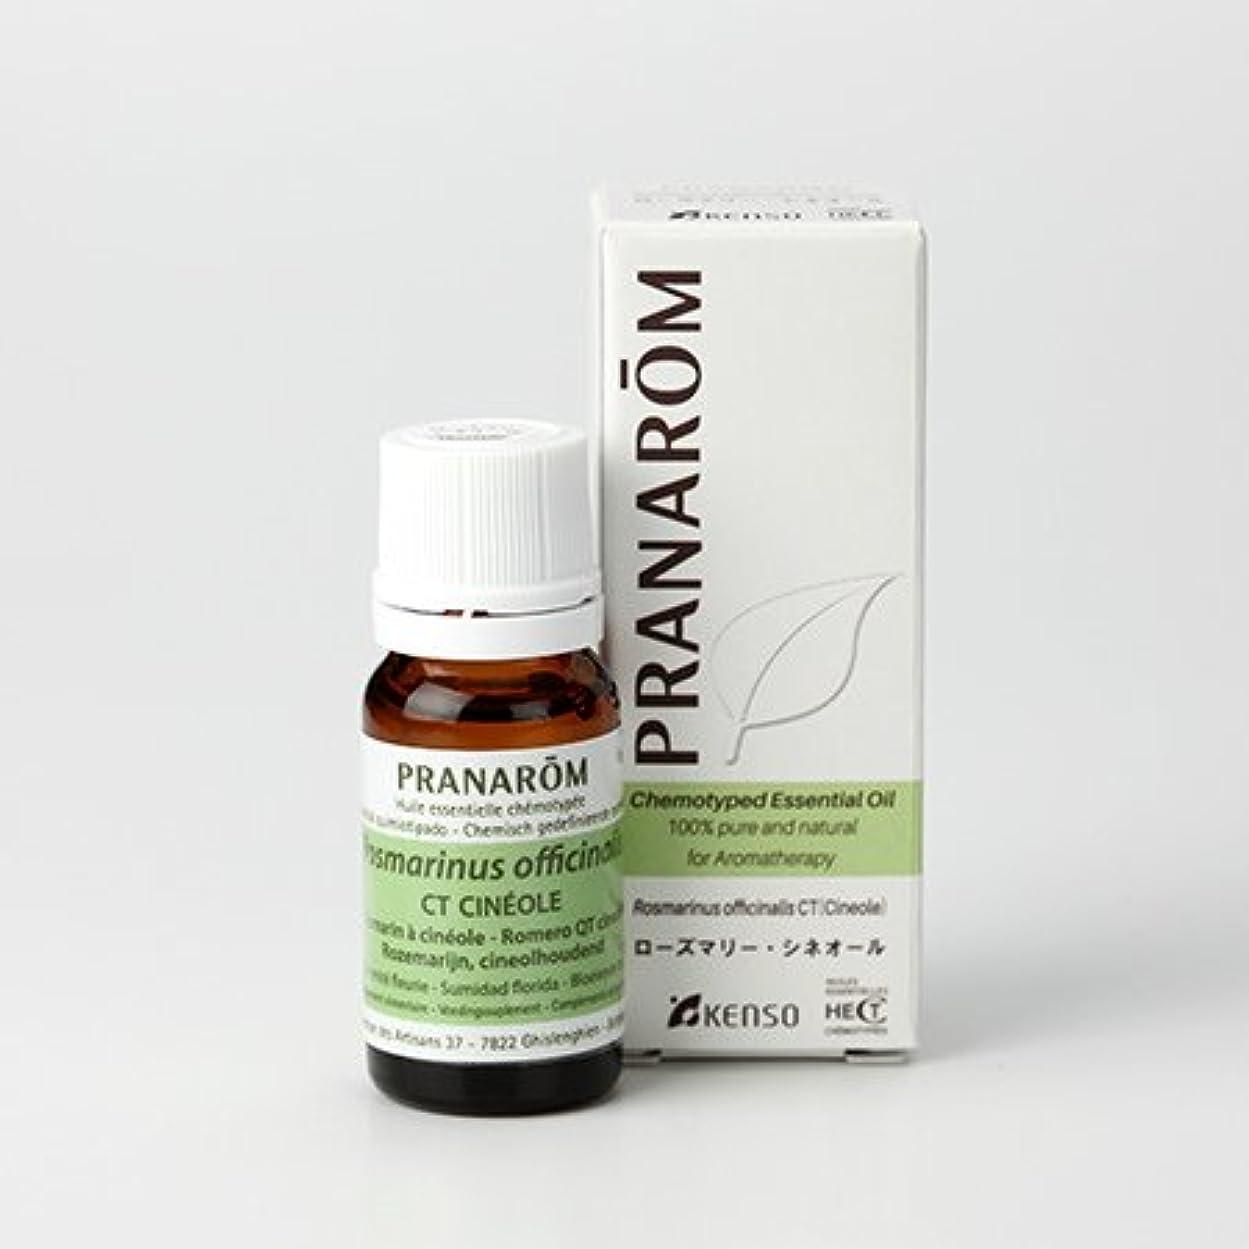 マウント分析的な創傷プラナロム ローズマリーシネオール 10ml (PRANAROM ケモタイプ精油)